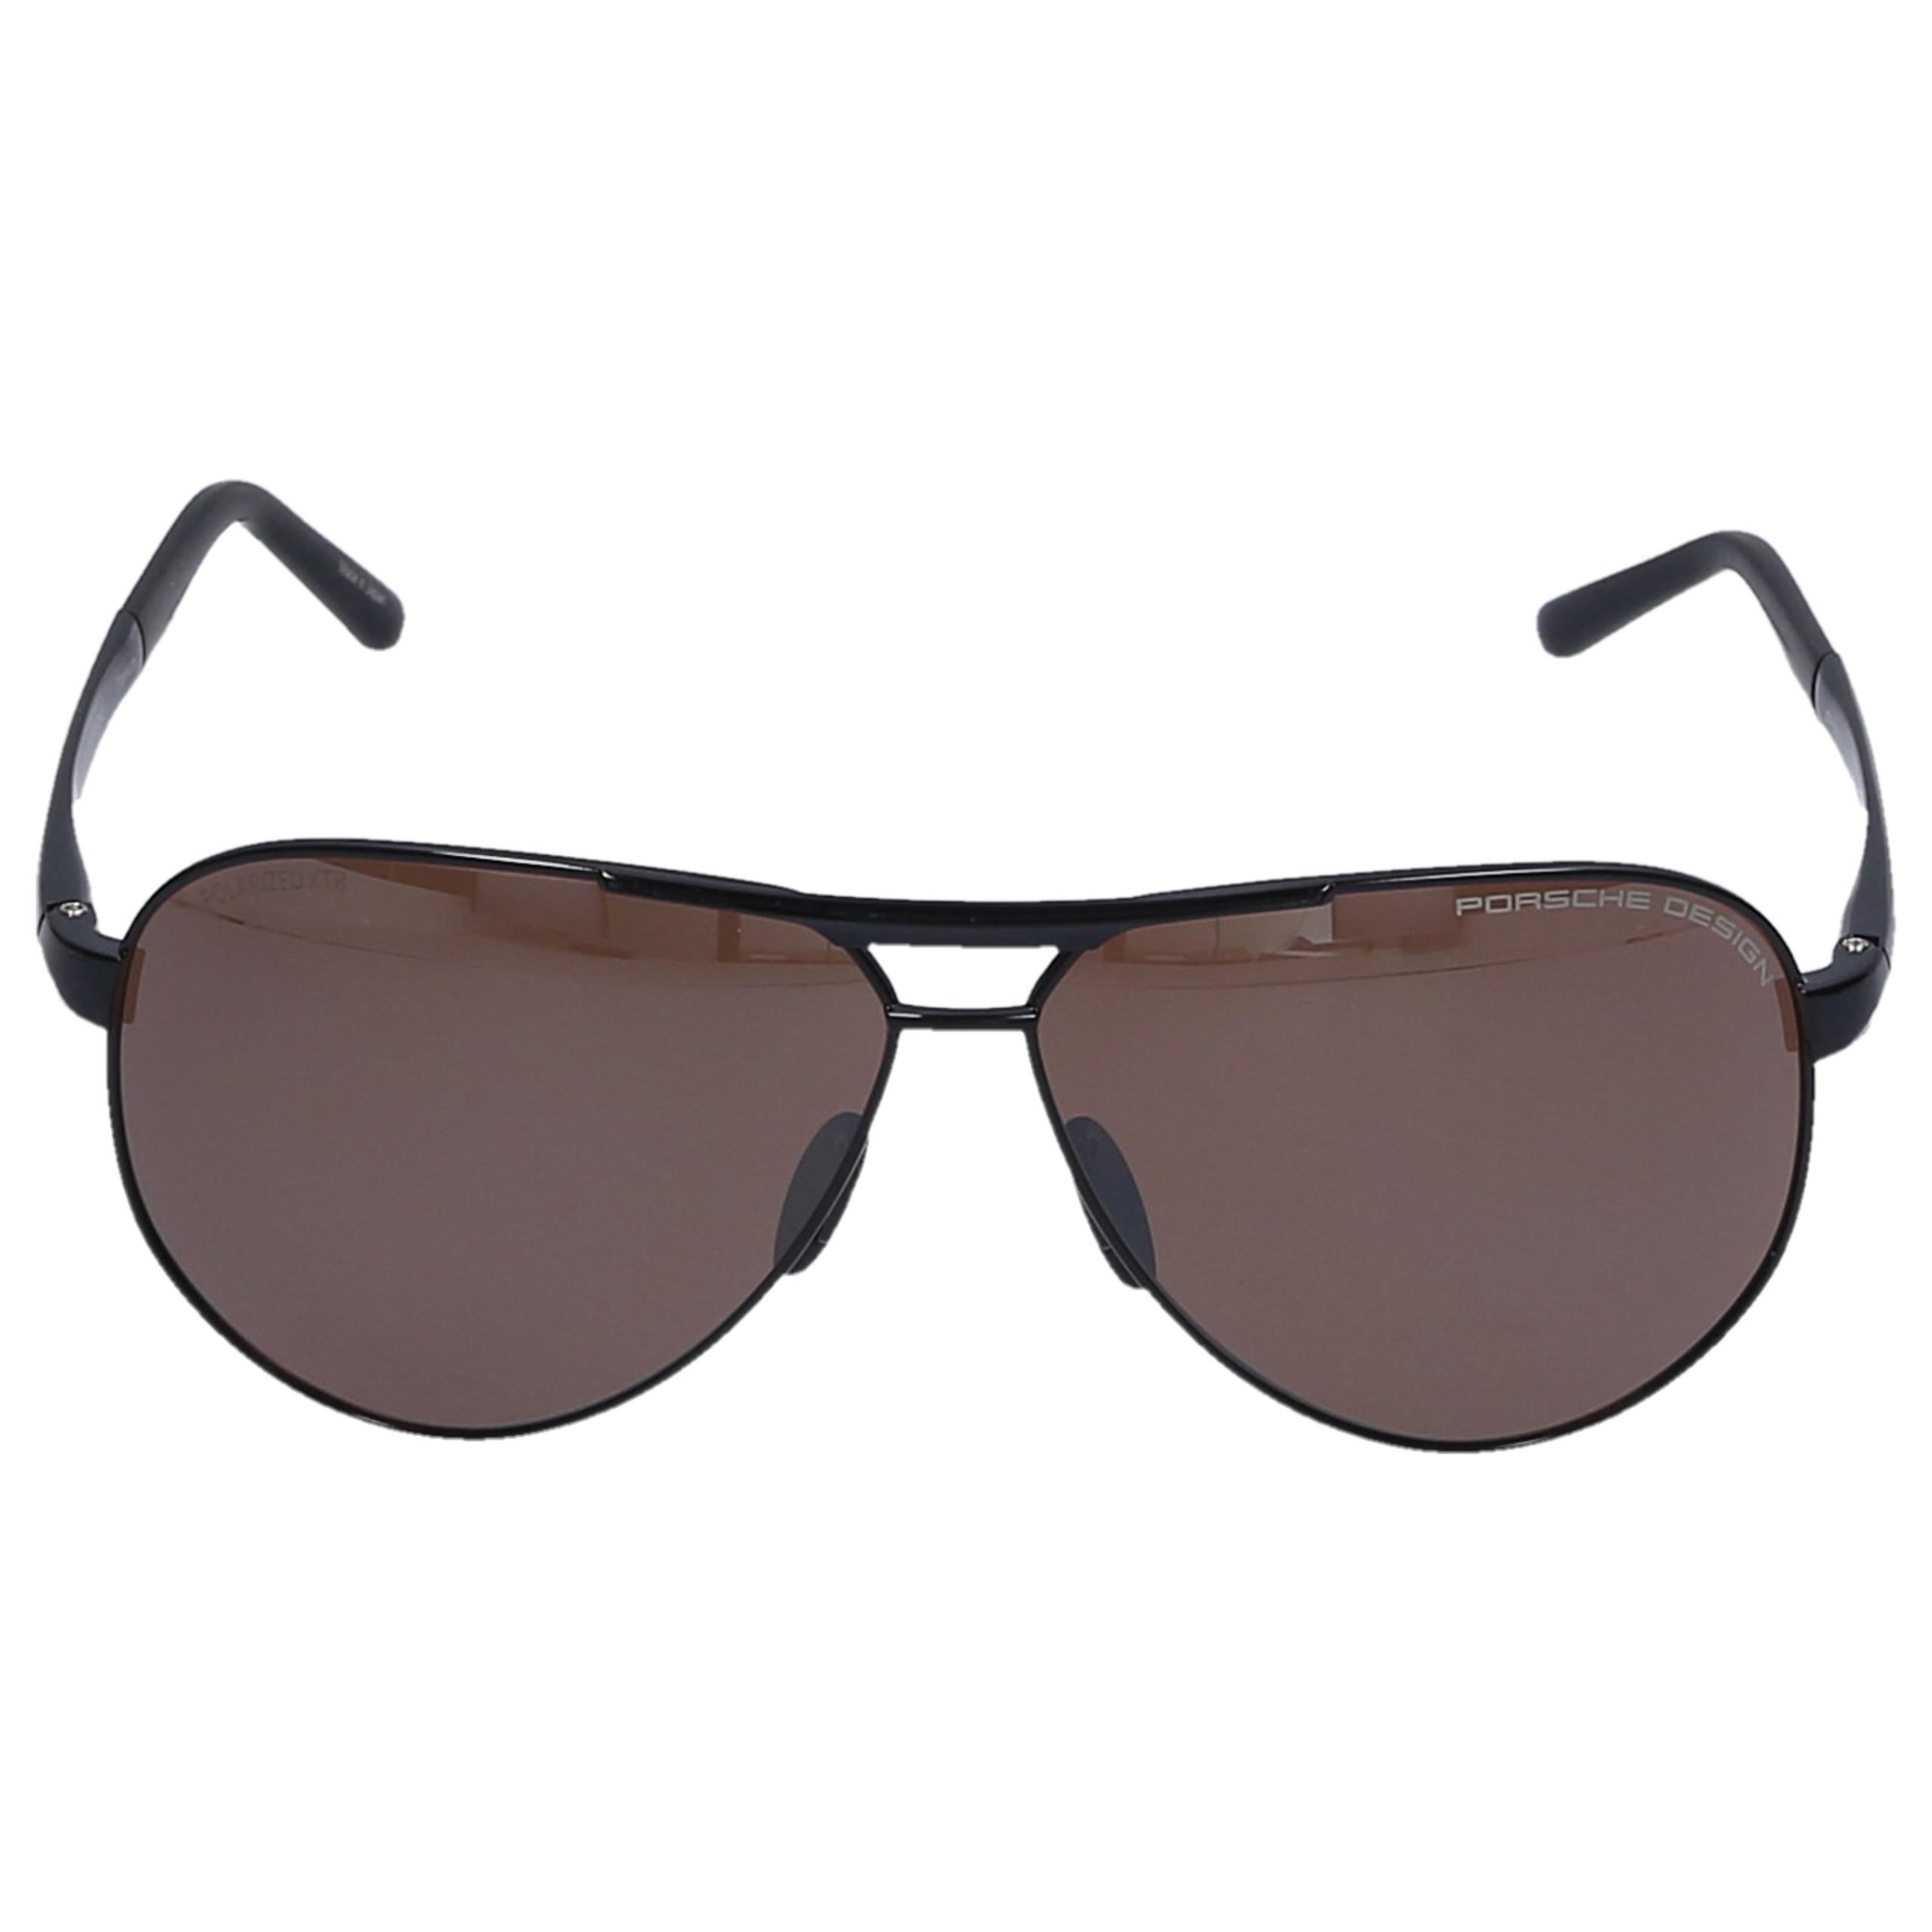 Sonnenbrille P8649 J 62/12 Titanium schwarz